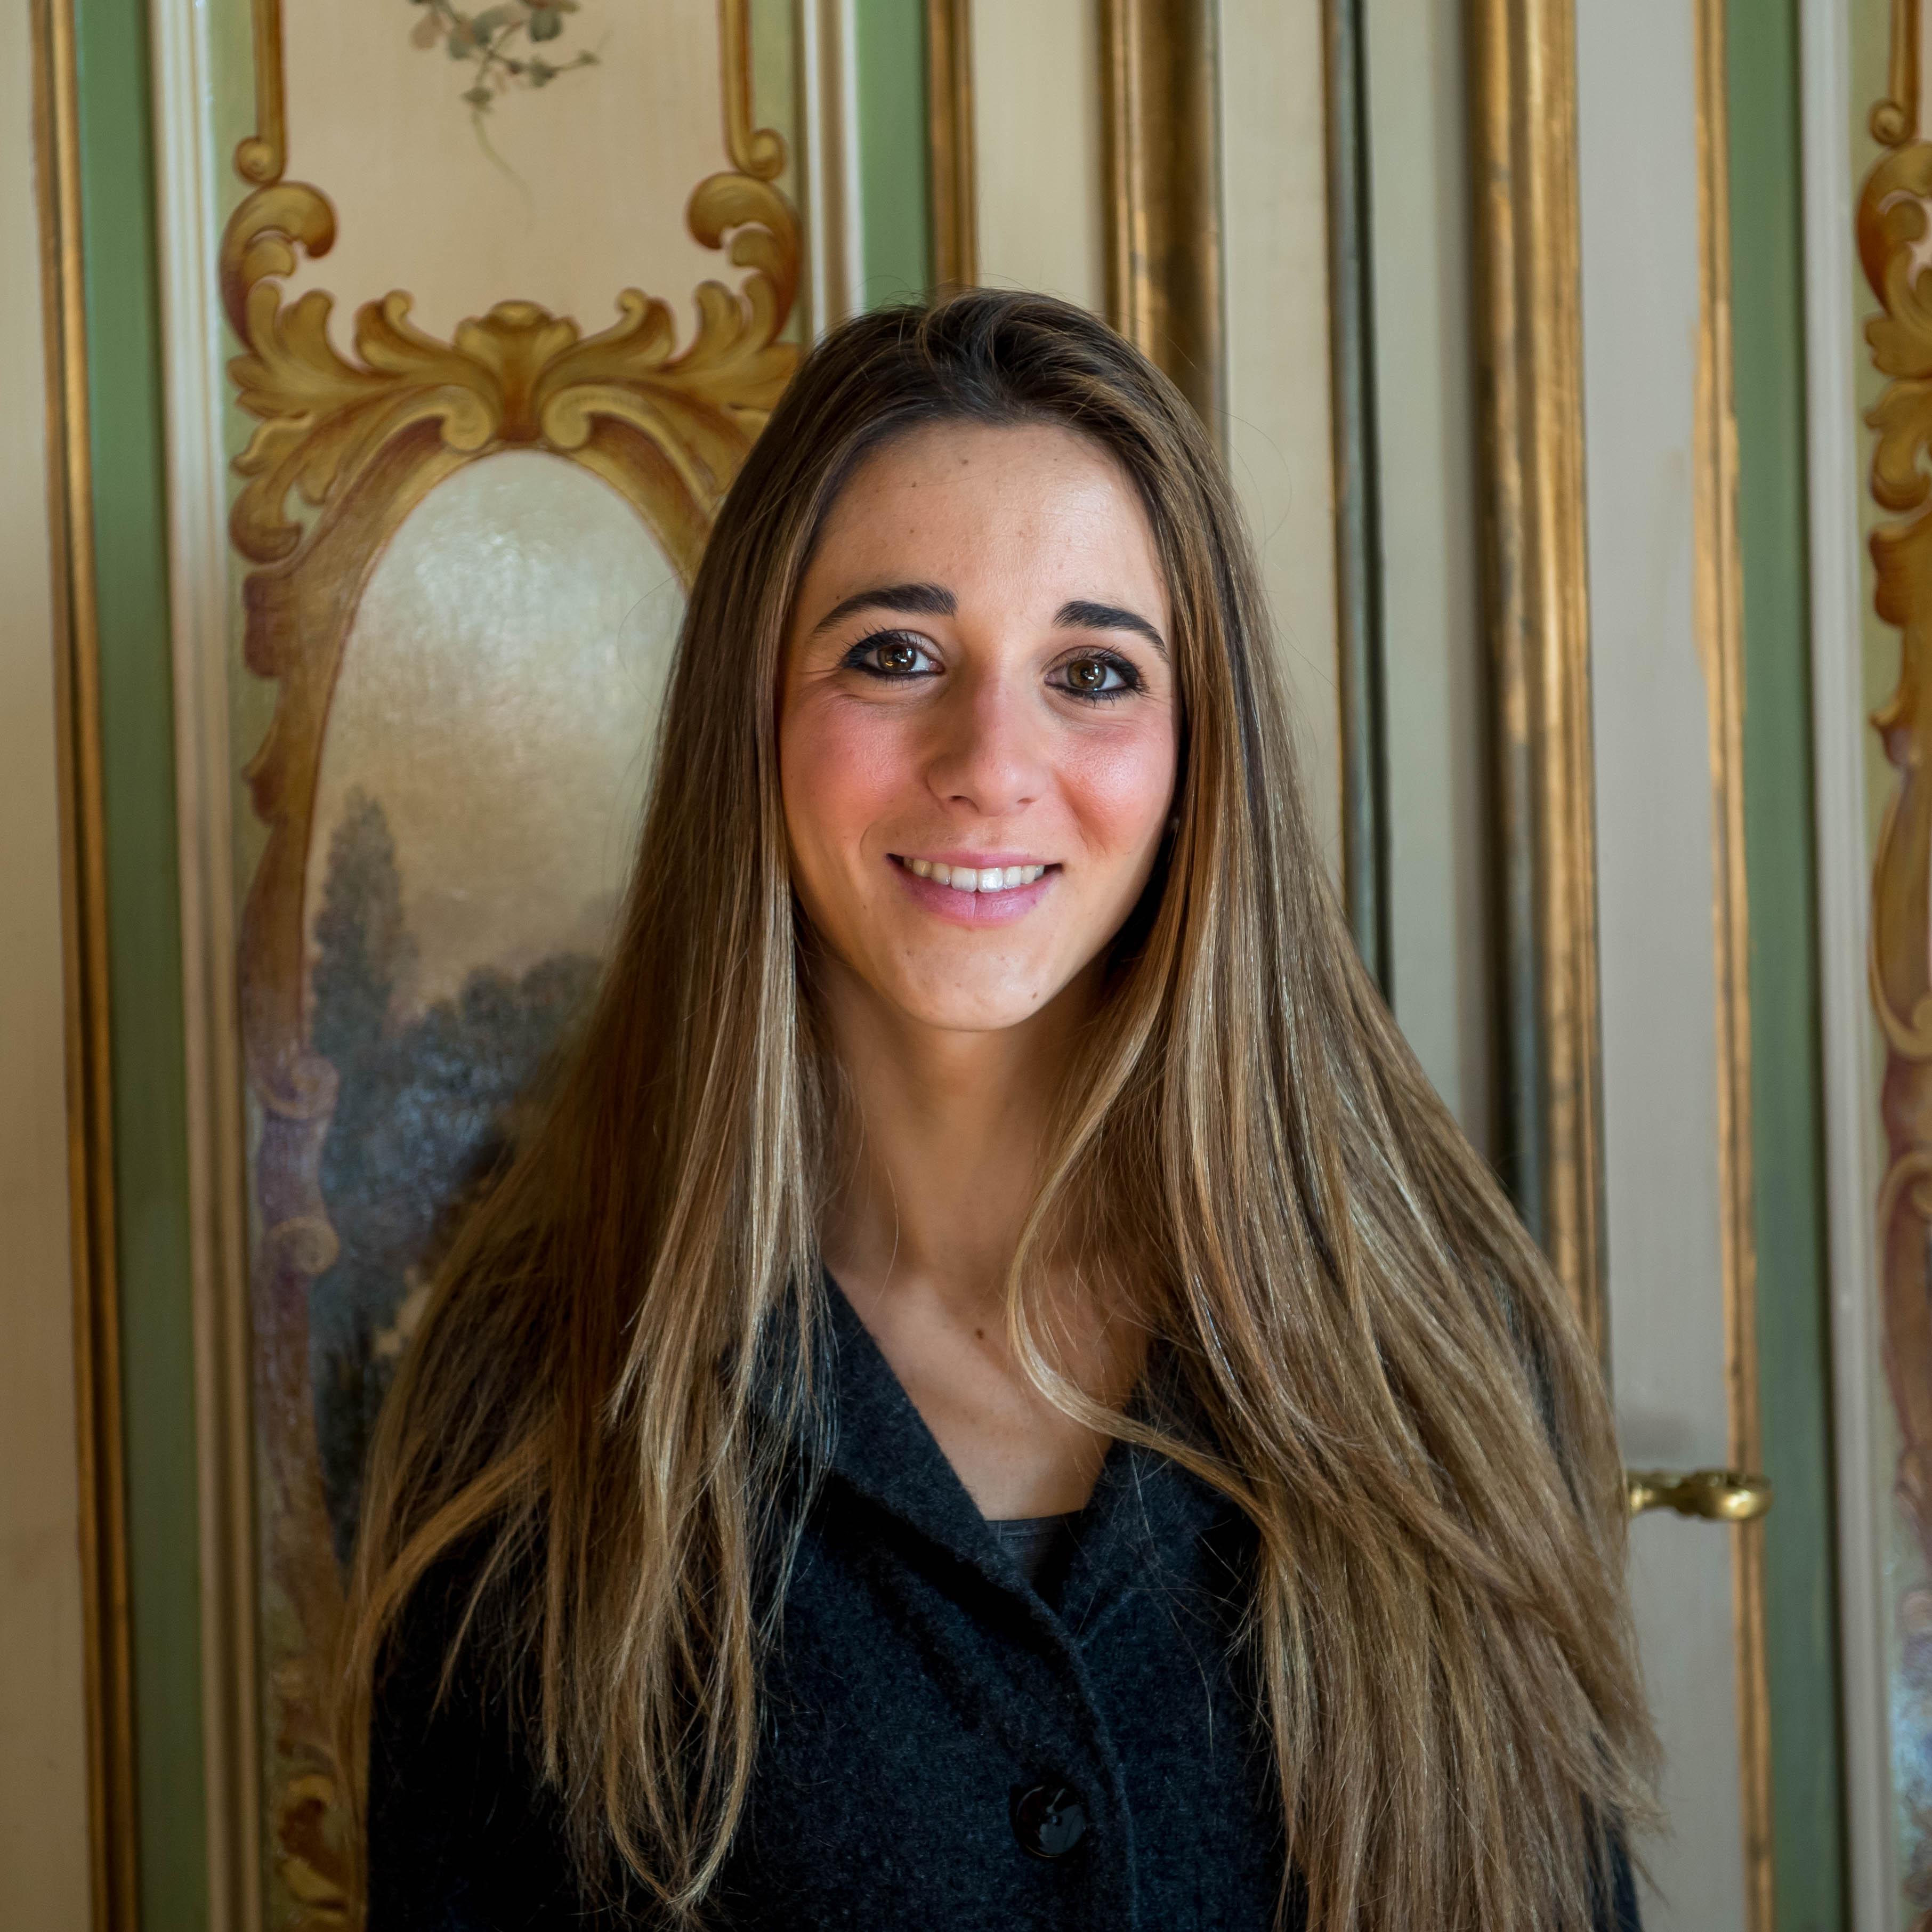 Elena Biamonti